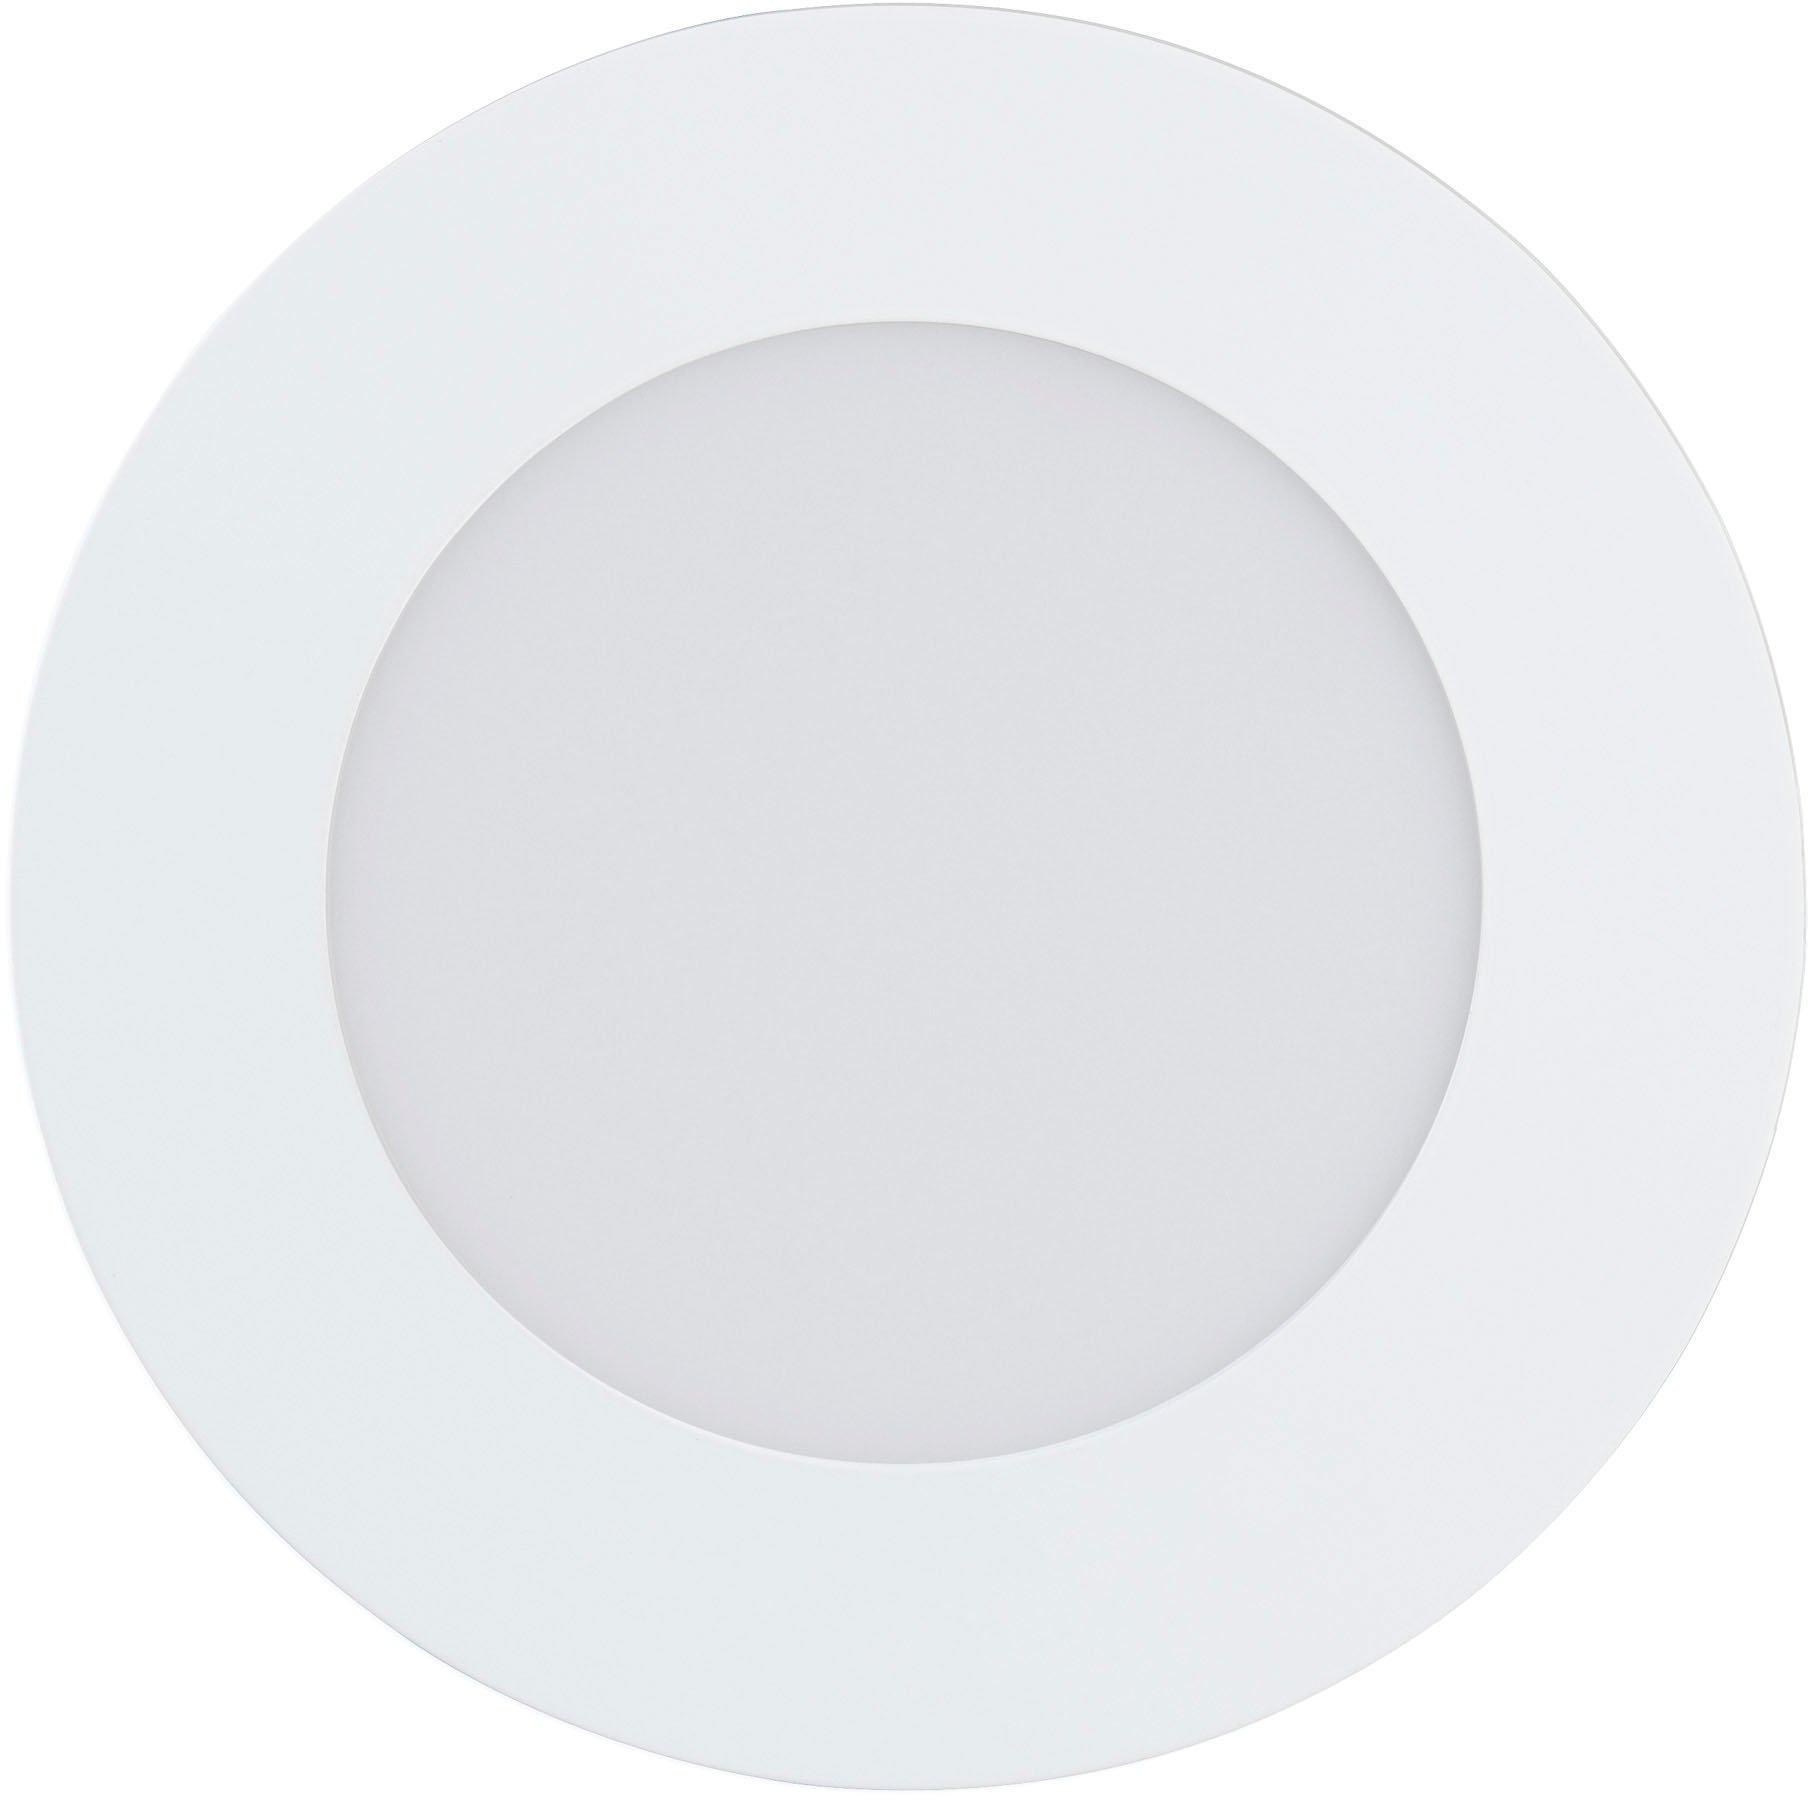 EGLO inbouwlamp FUEVA-C EGLO CONNECT, bediening via app + afstandsbediening, BLE, CCT, RGB in de webshop van OTTO kopen